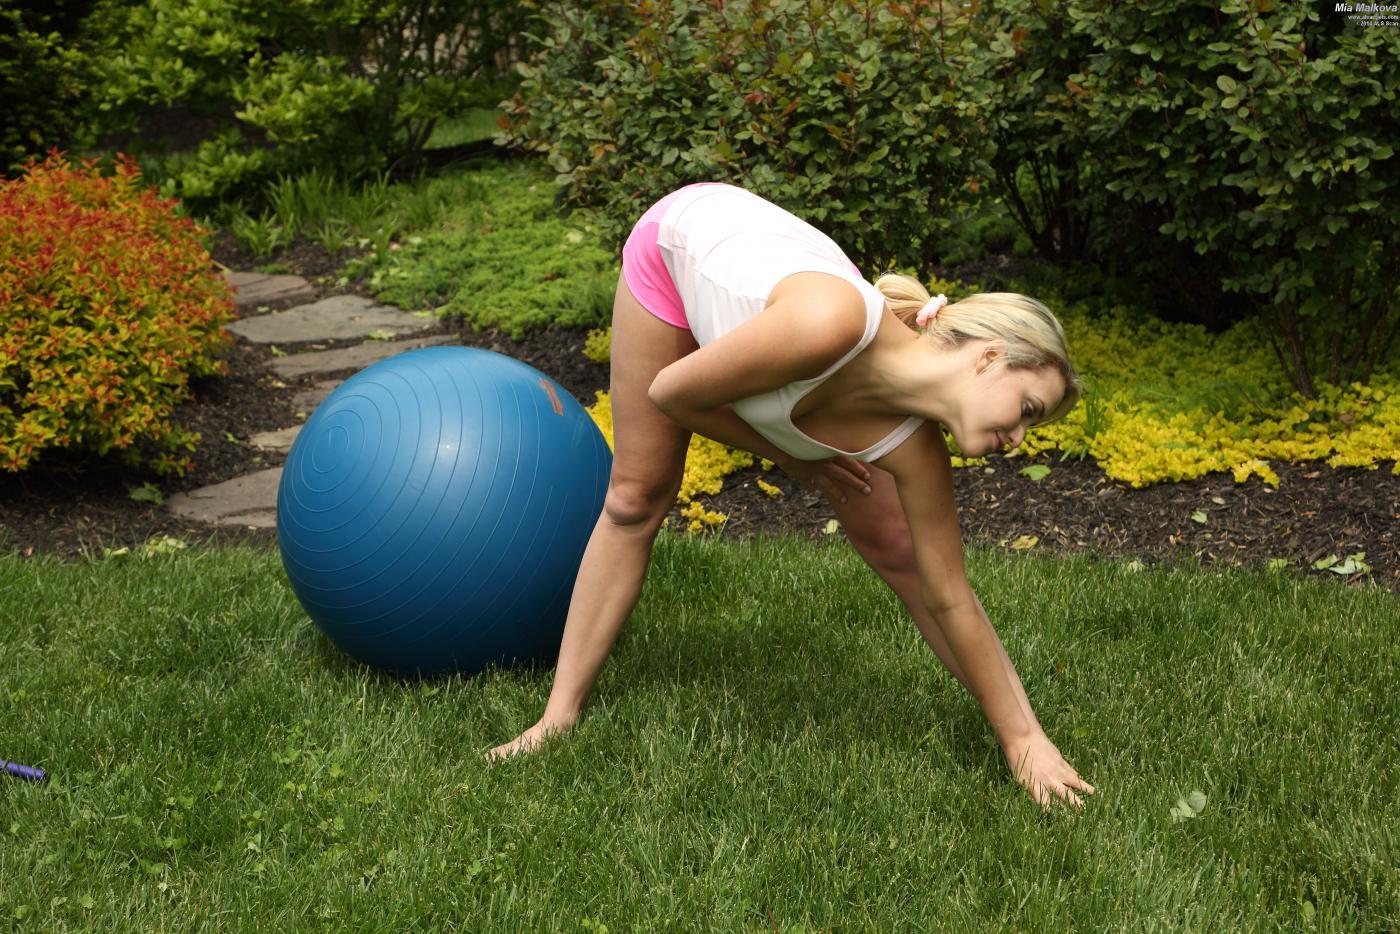 Позанимавшись спортом, Миа Малкова решает позаниматься онанизмом